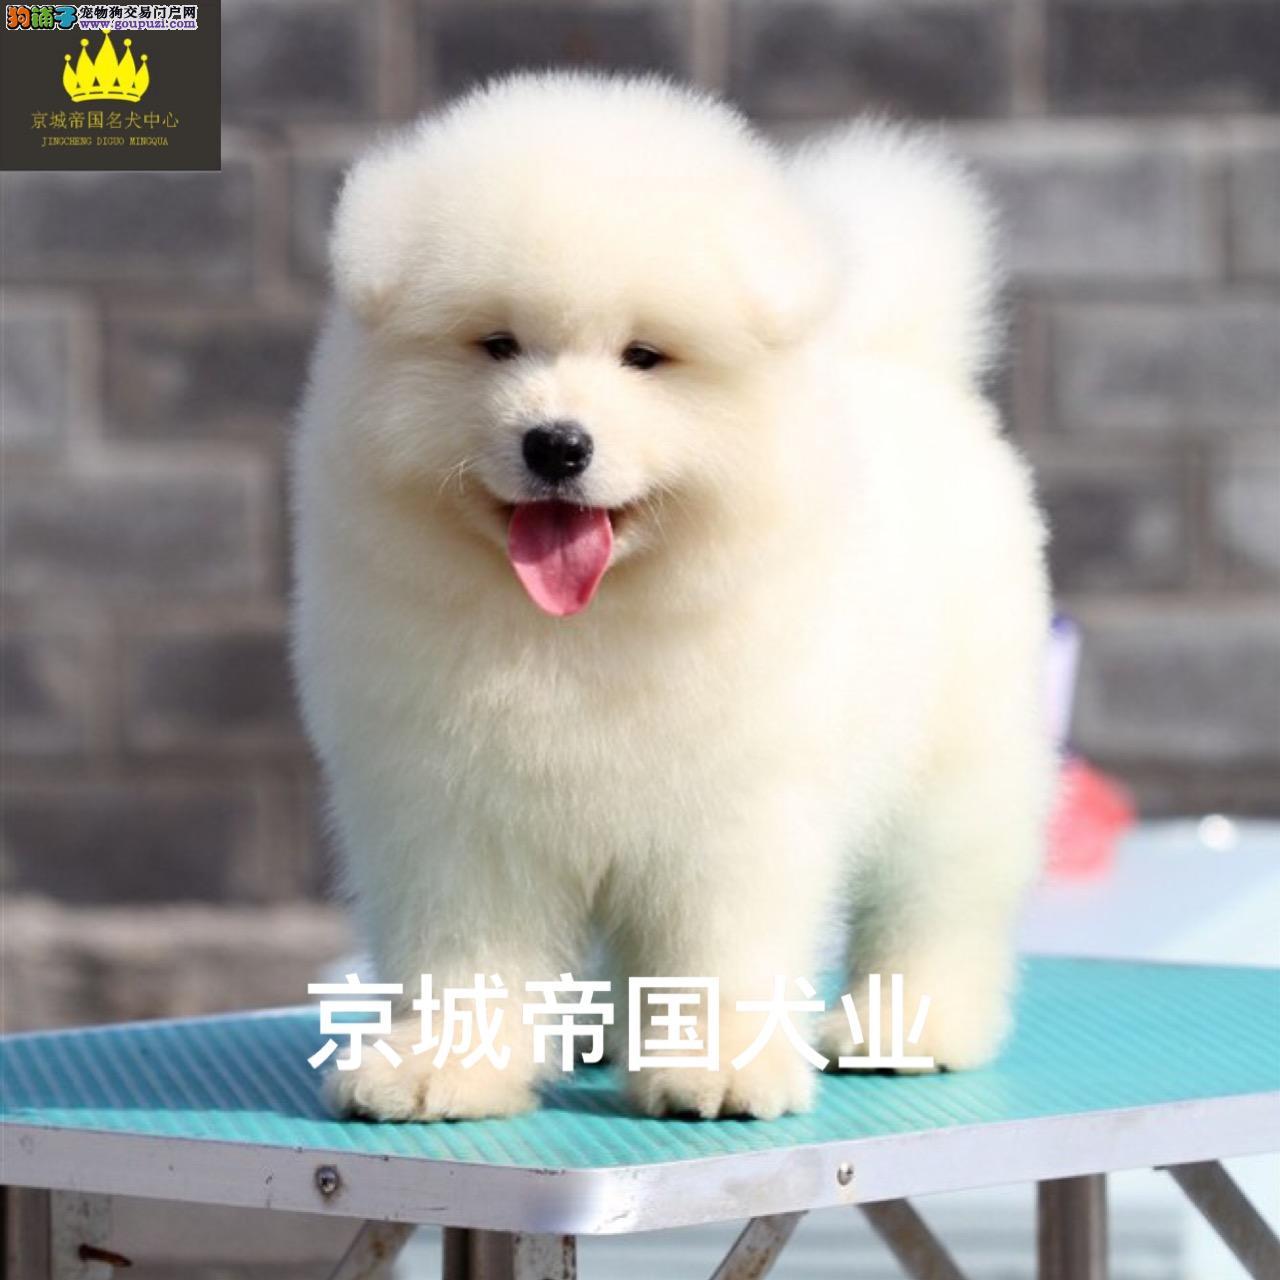 魔法血系的极品笑脸萨摩幼犬宝宝待售中....